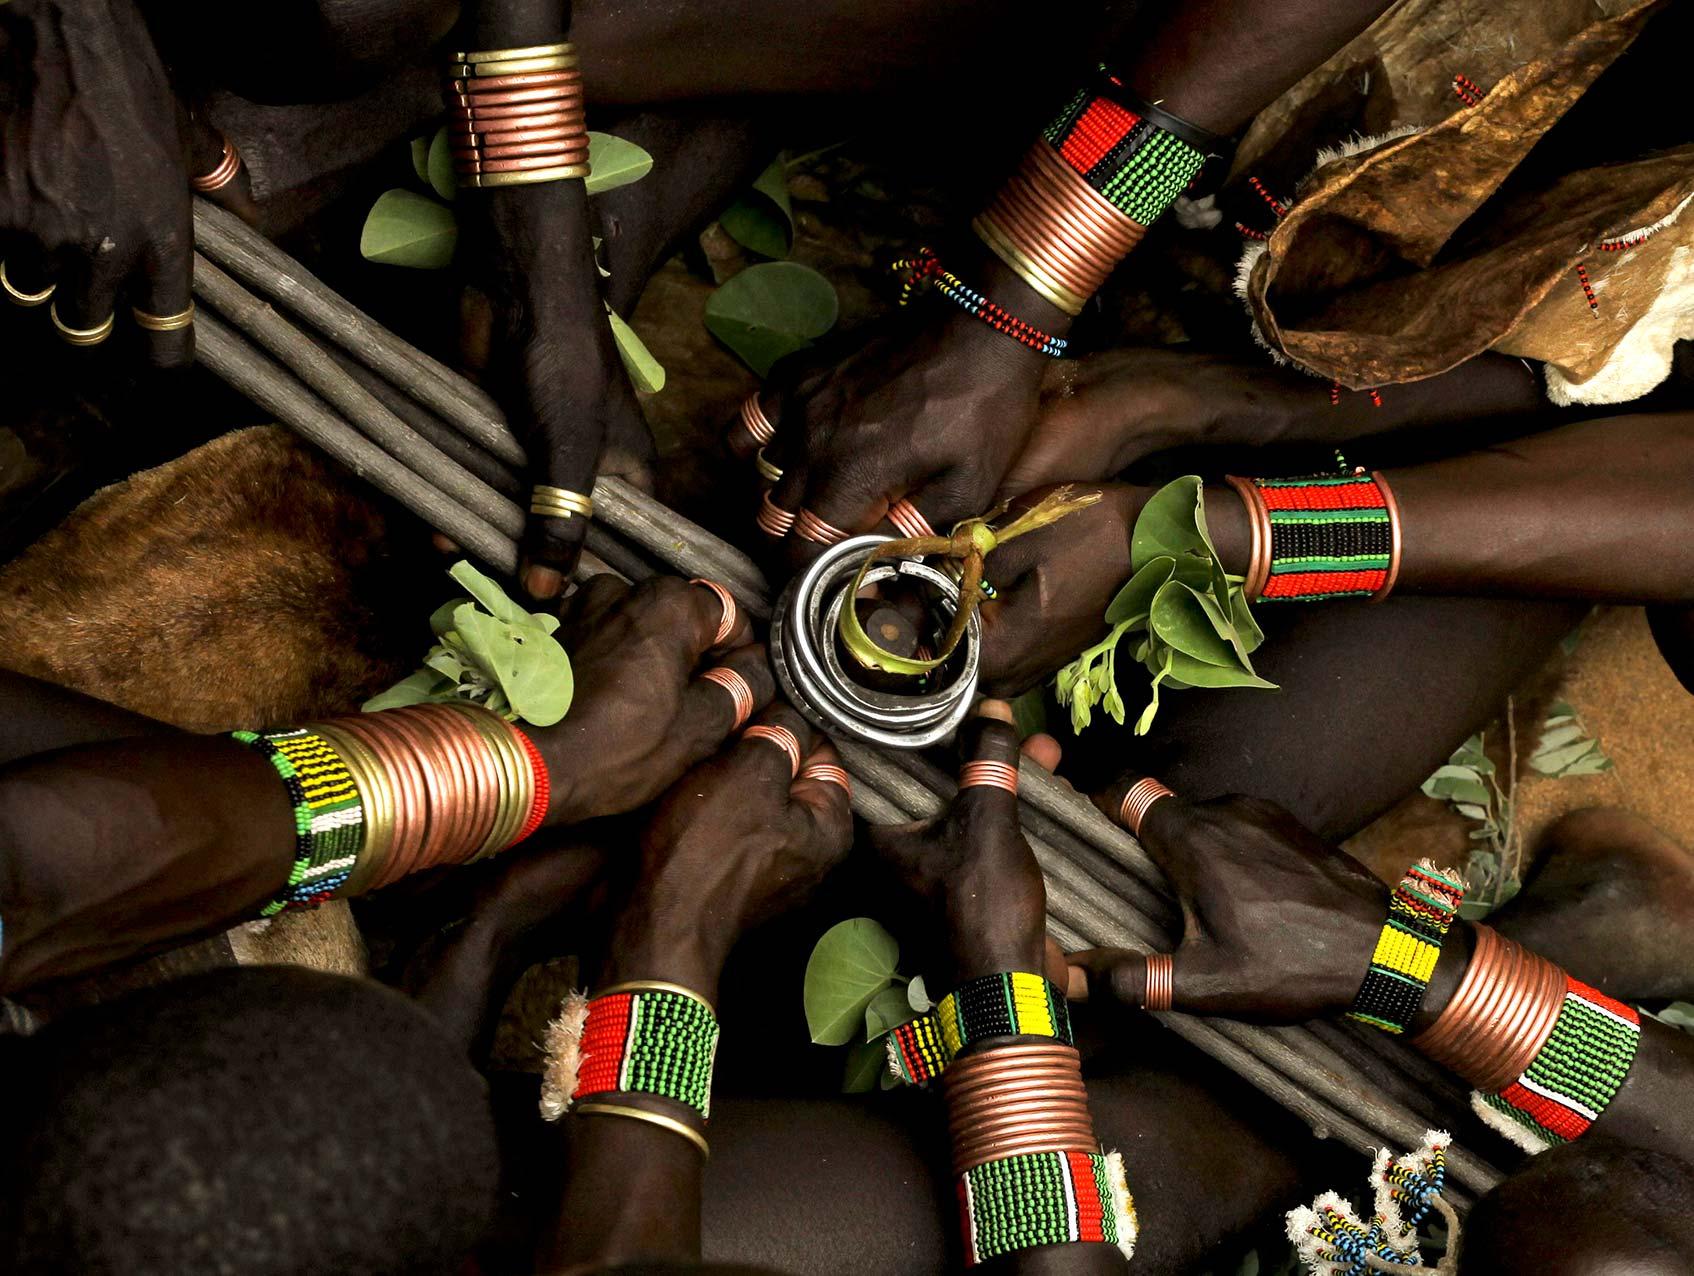 африканские племена в эфиопии